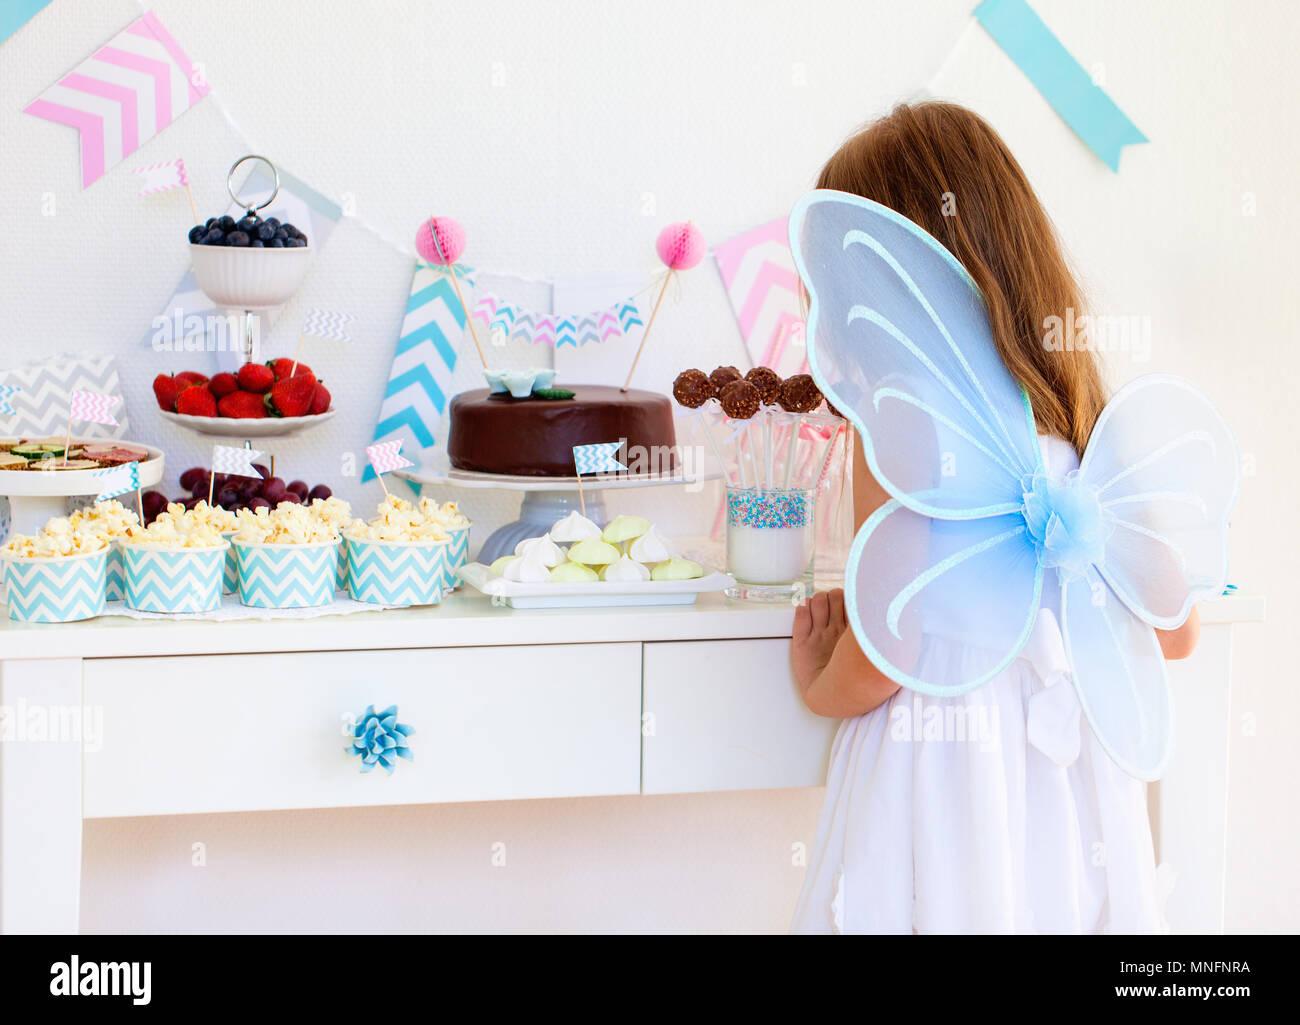 Adorable pequeño fairy chica con alas en una fiesta de cumpleaños cerca de postre tabla Imagen De Stock